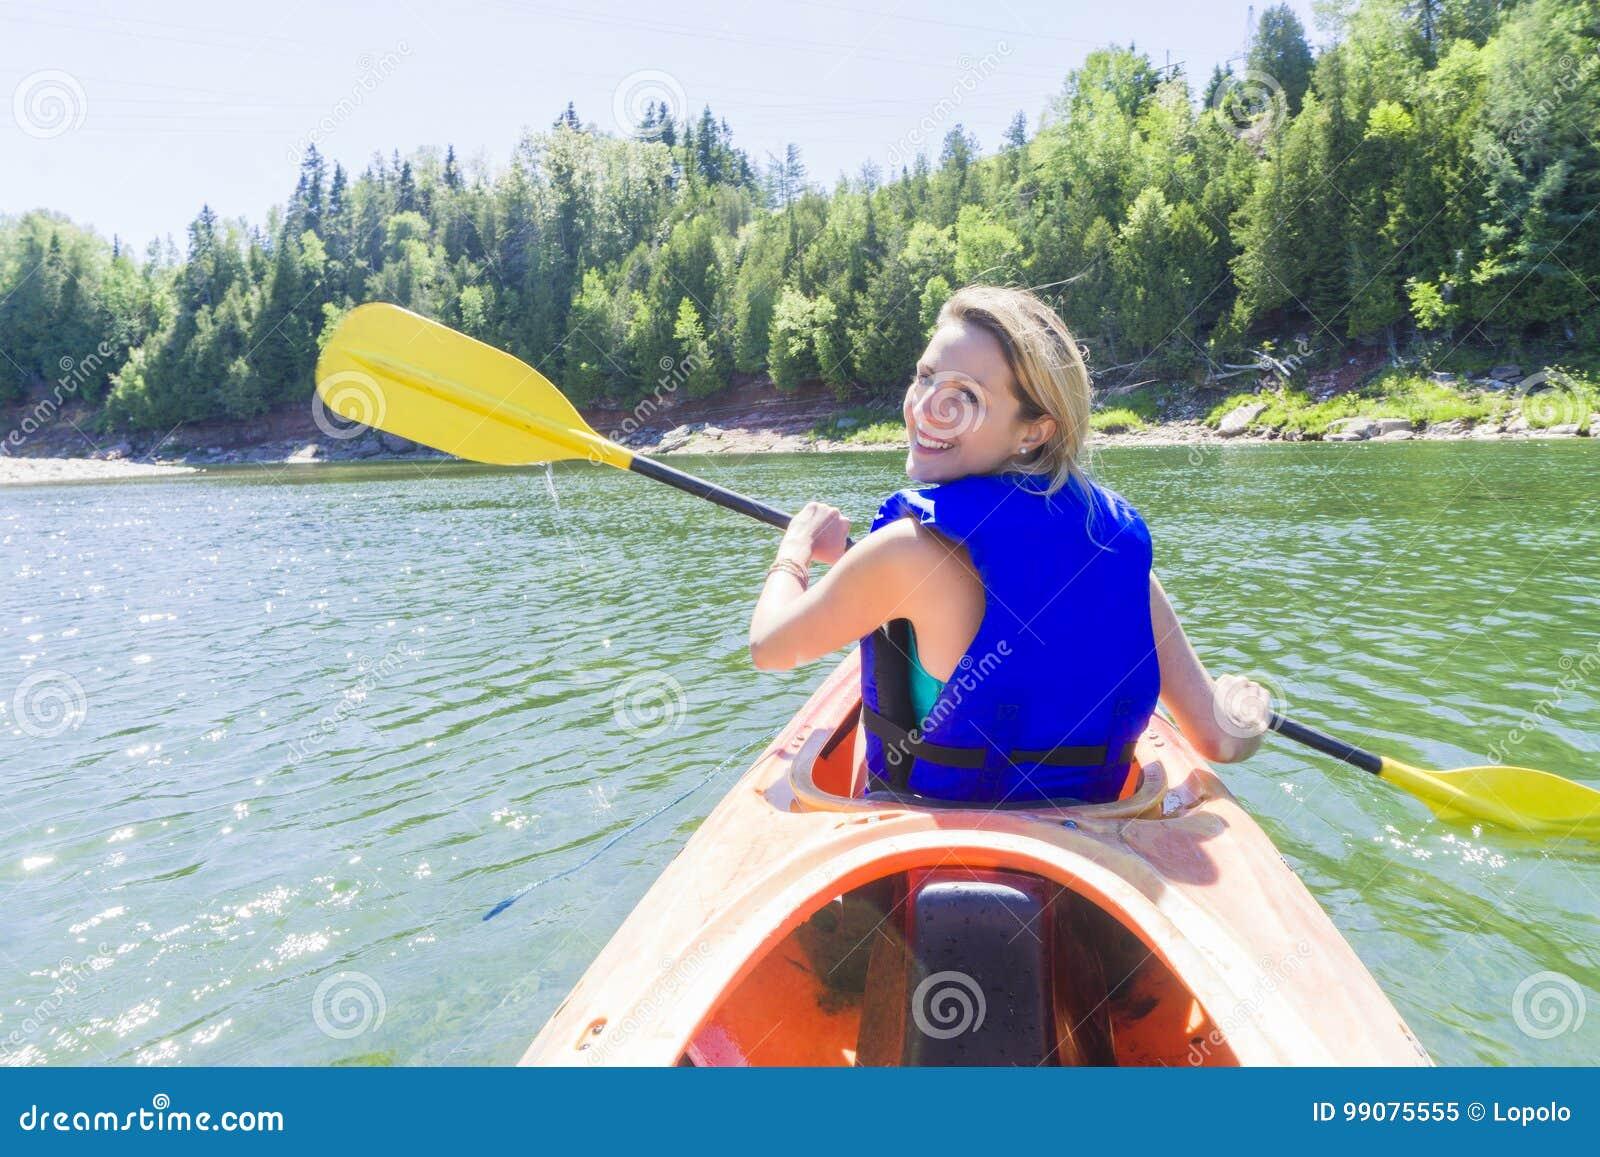 Seekajaken der jungen Frau